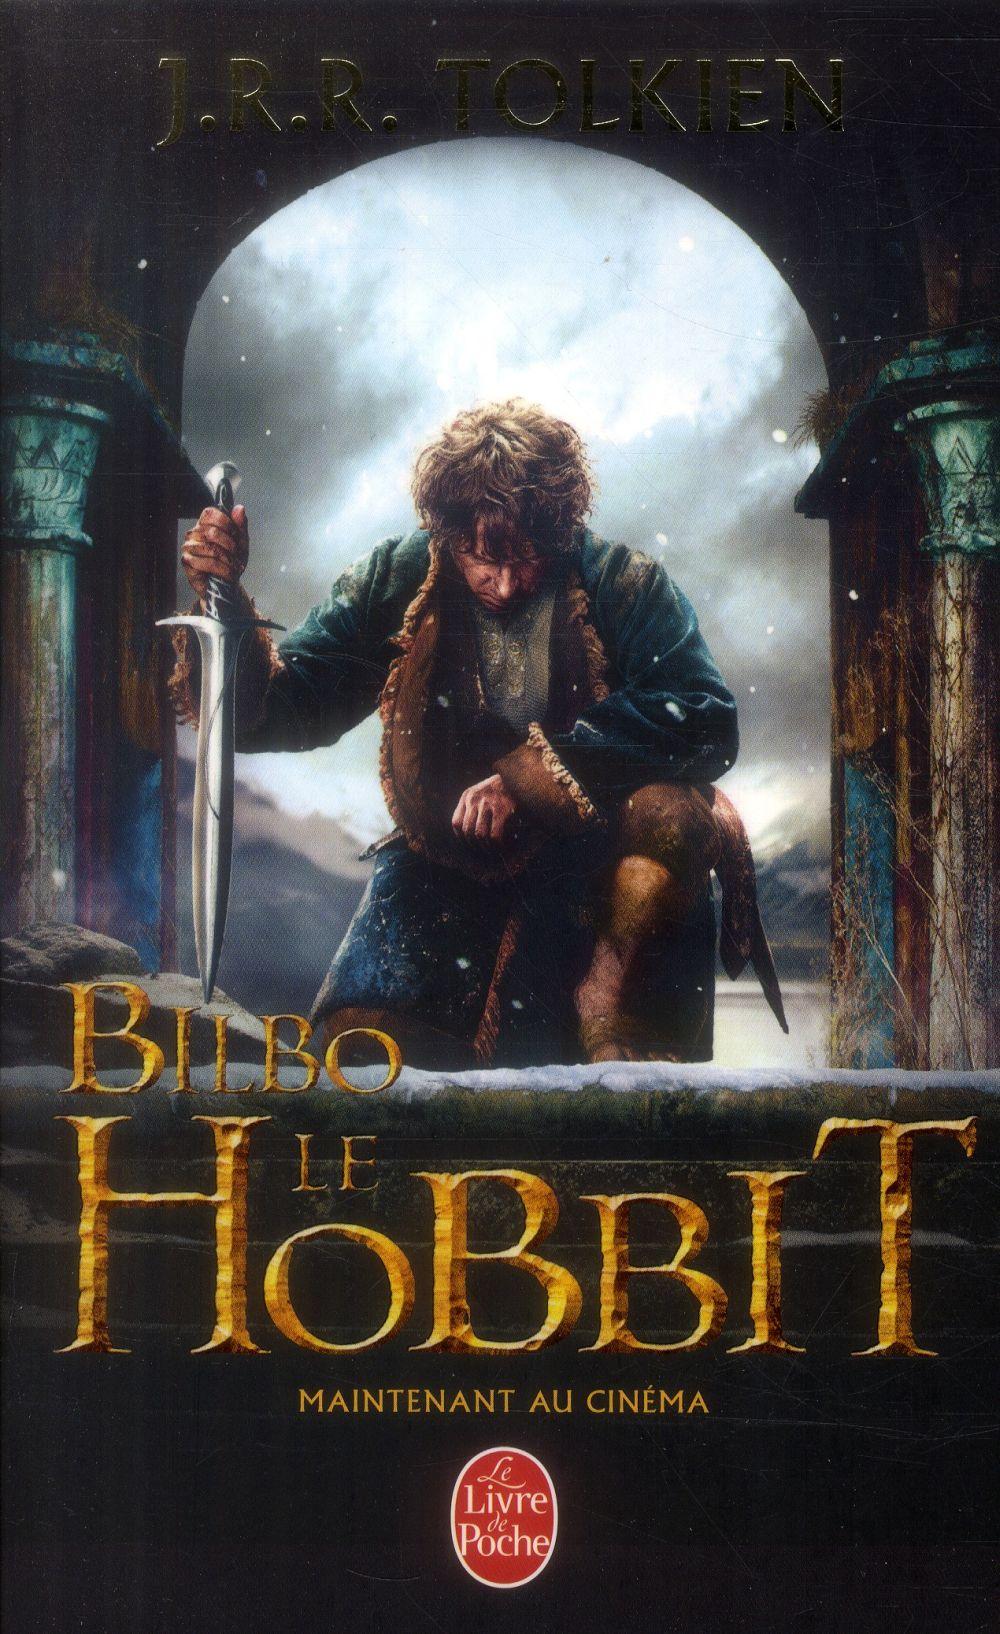 Bilbo le hobbit ; édition film 2014